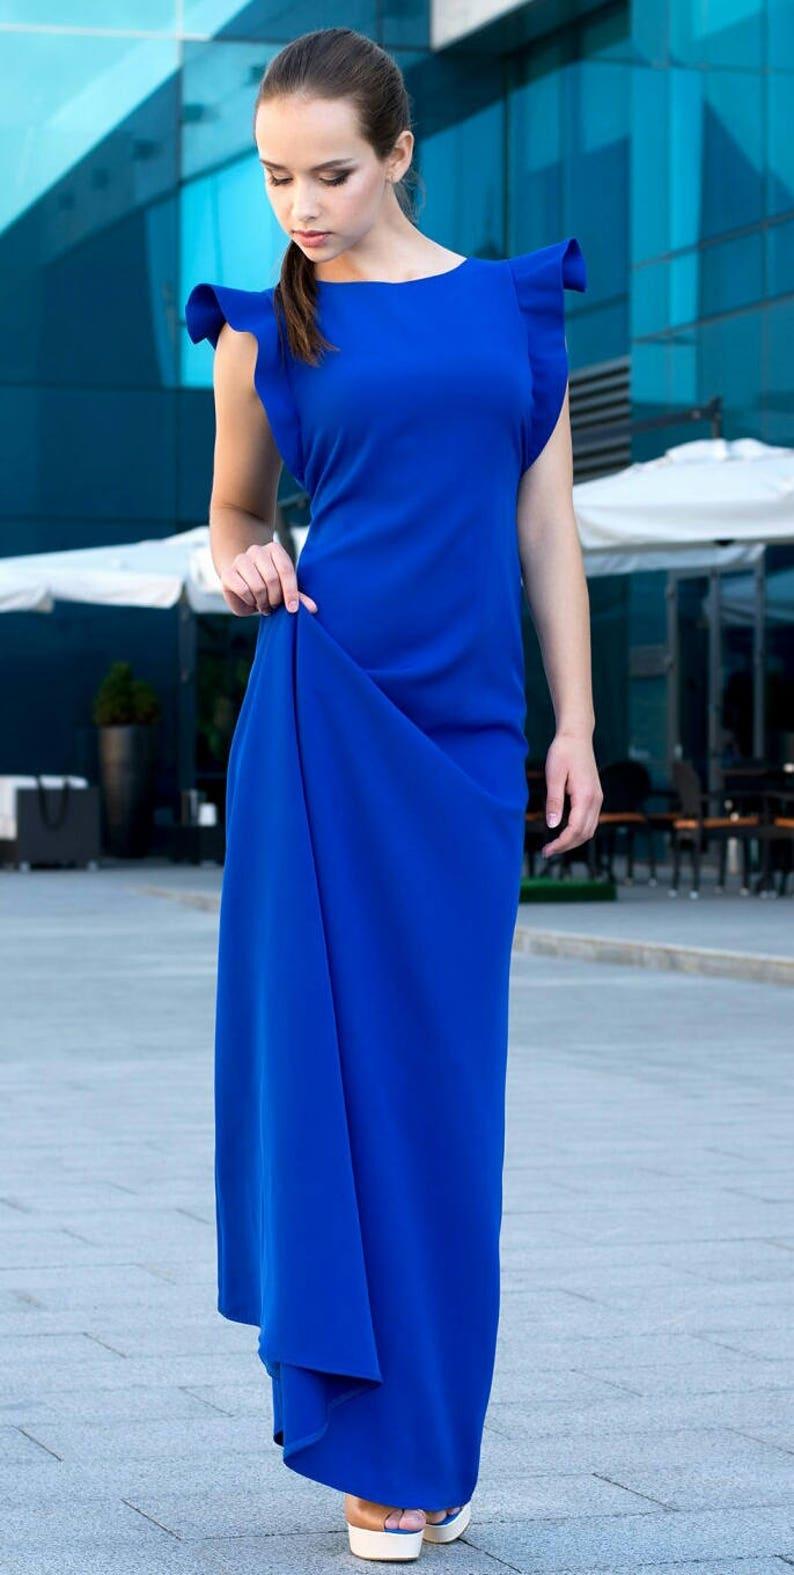 Jersey Maxi Jurk.Royal Blue Dress Maxi Dress Spring Long Dress Autumn Dress Floor Evening Cobalt Blue Dress Woman Maxi Dress Jersey Dress For Women